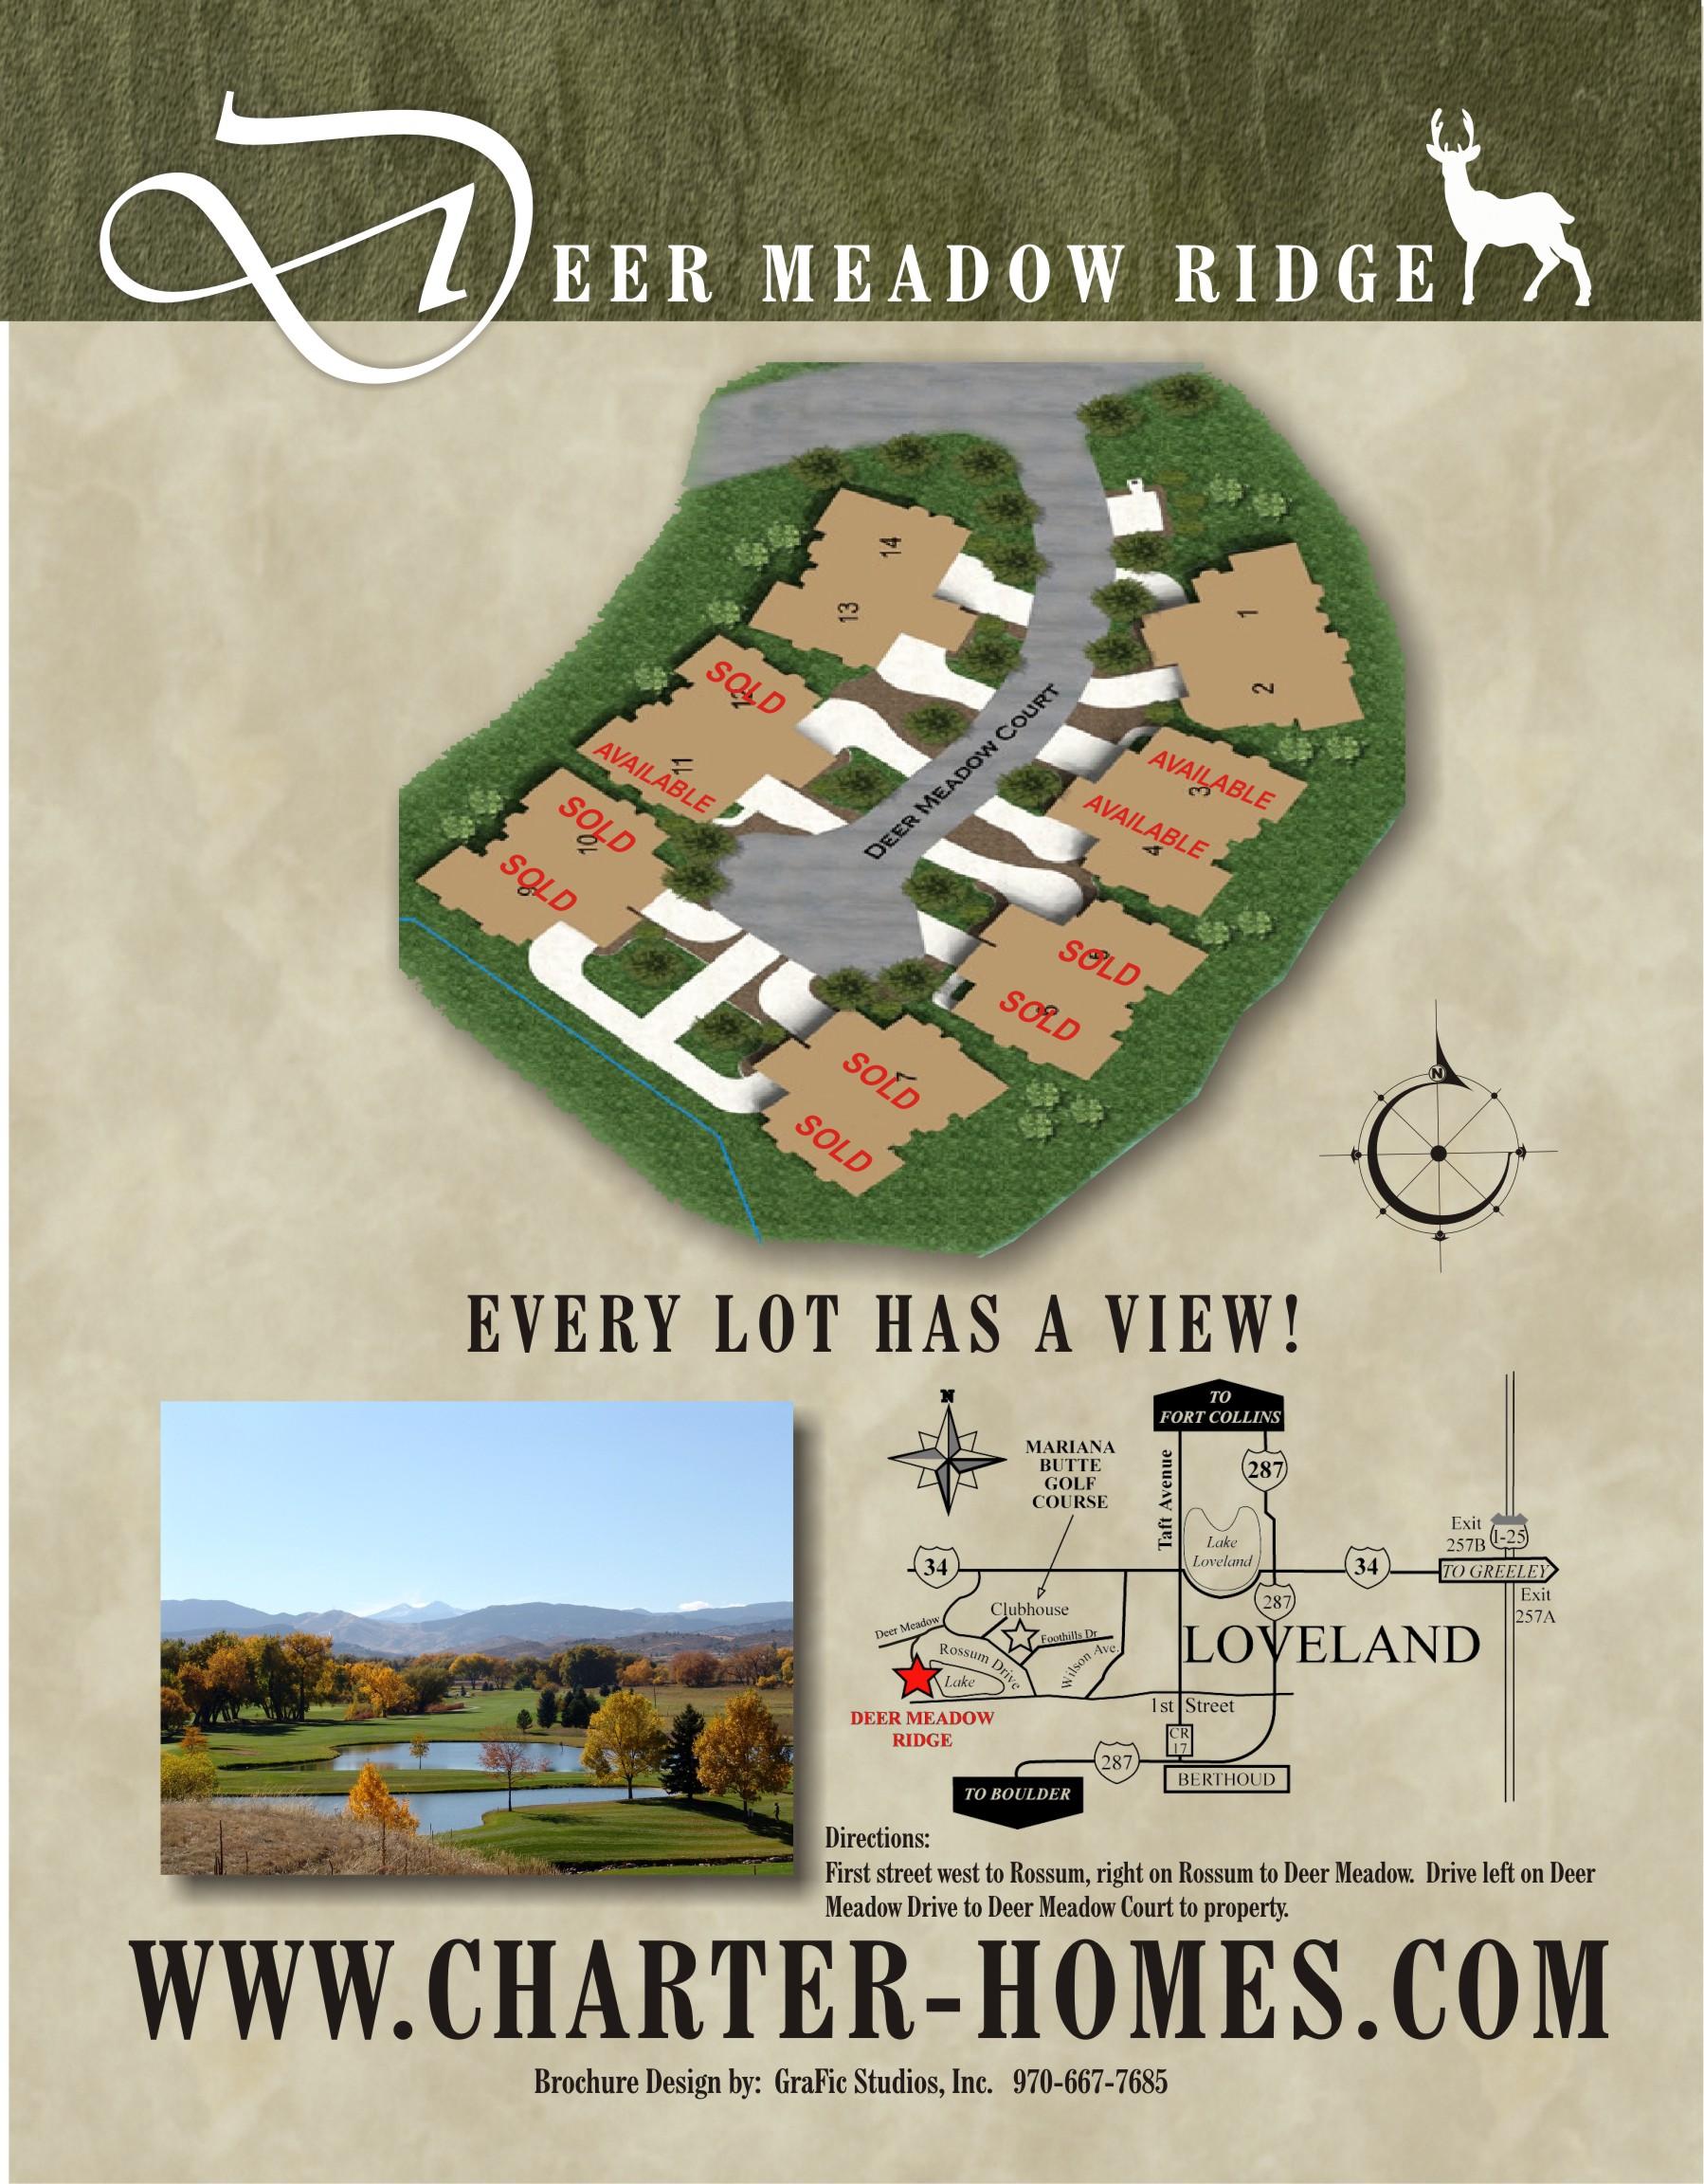 DeerMeadow site plan.jpg